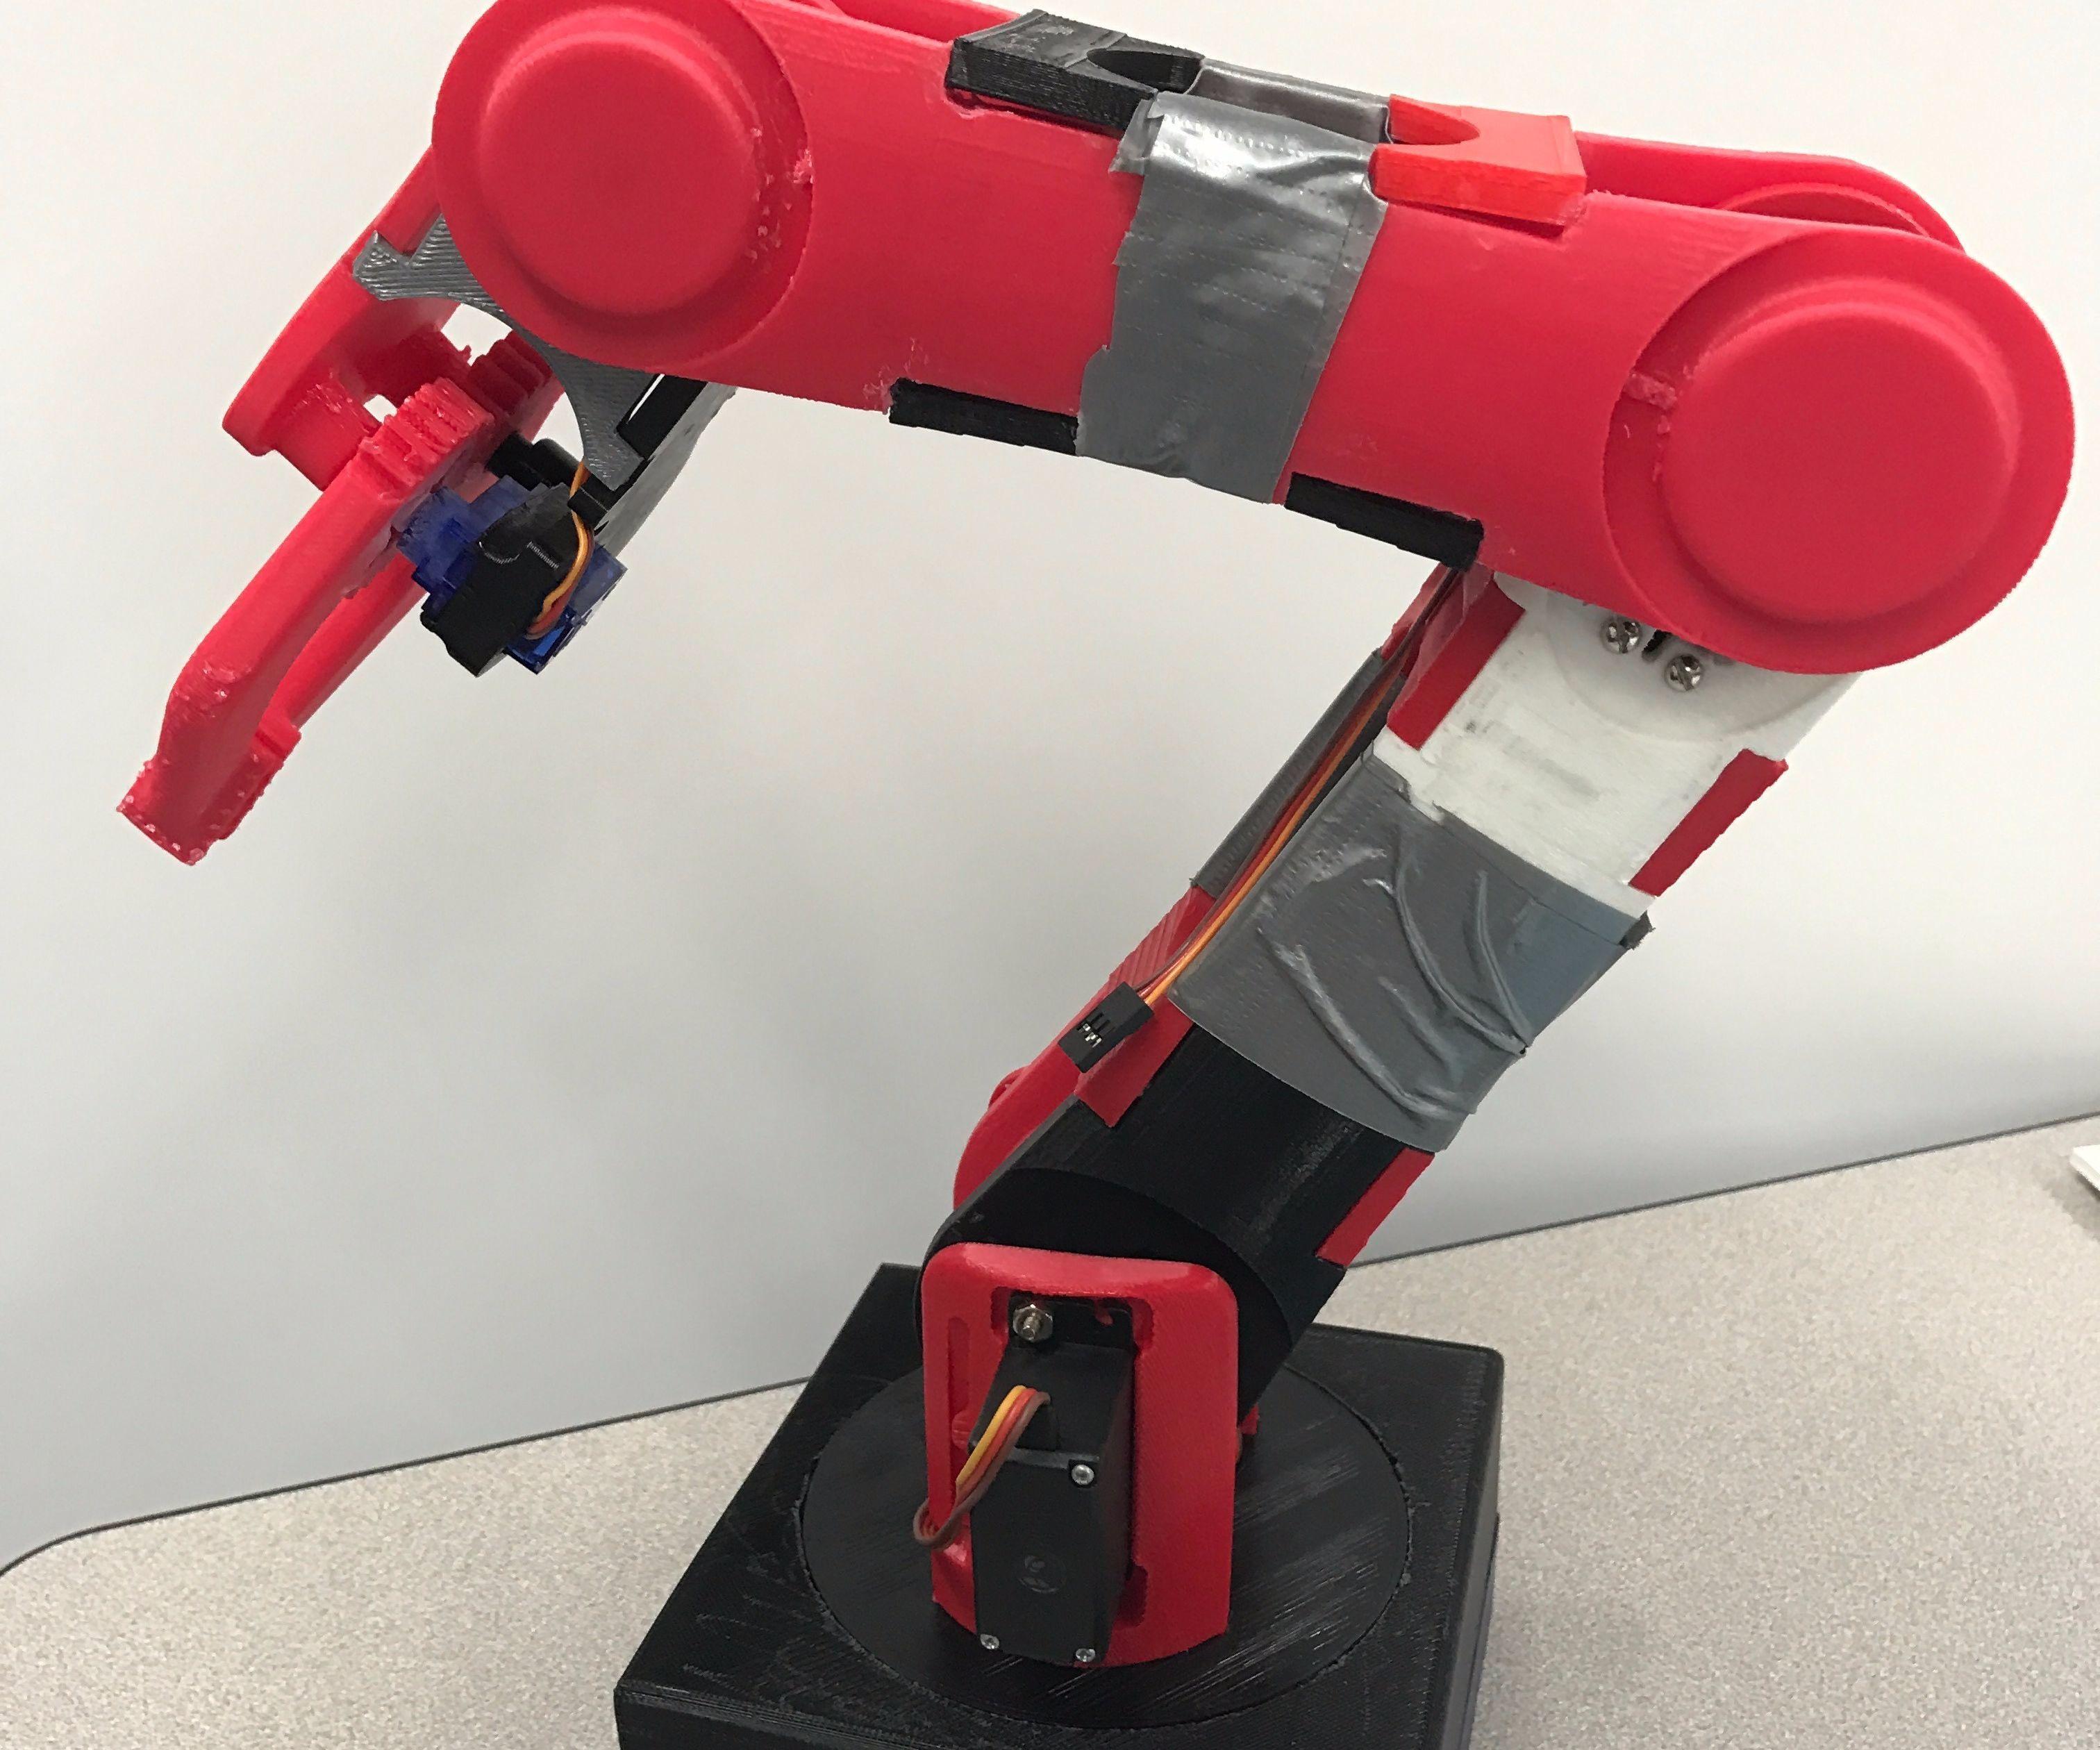 3D-Printed Robot Arm